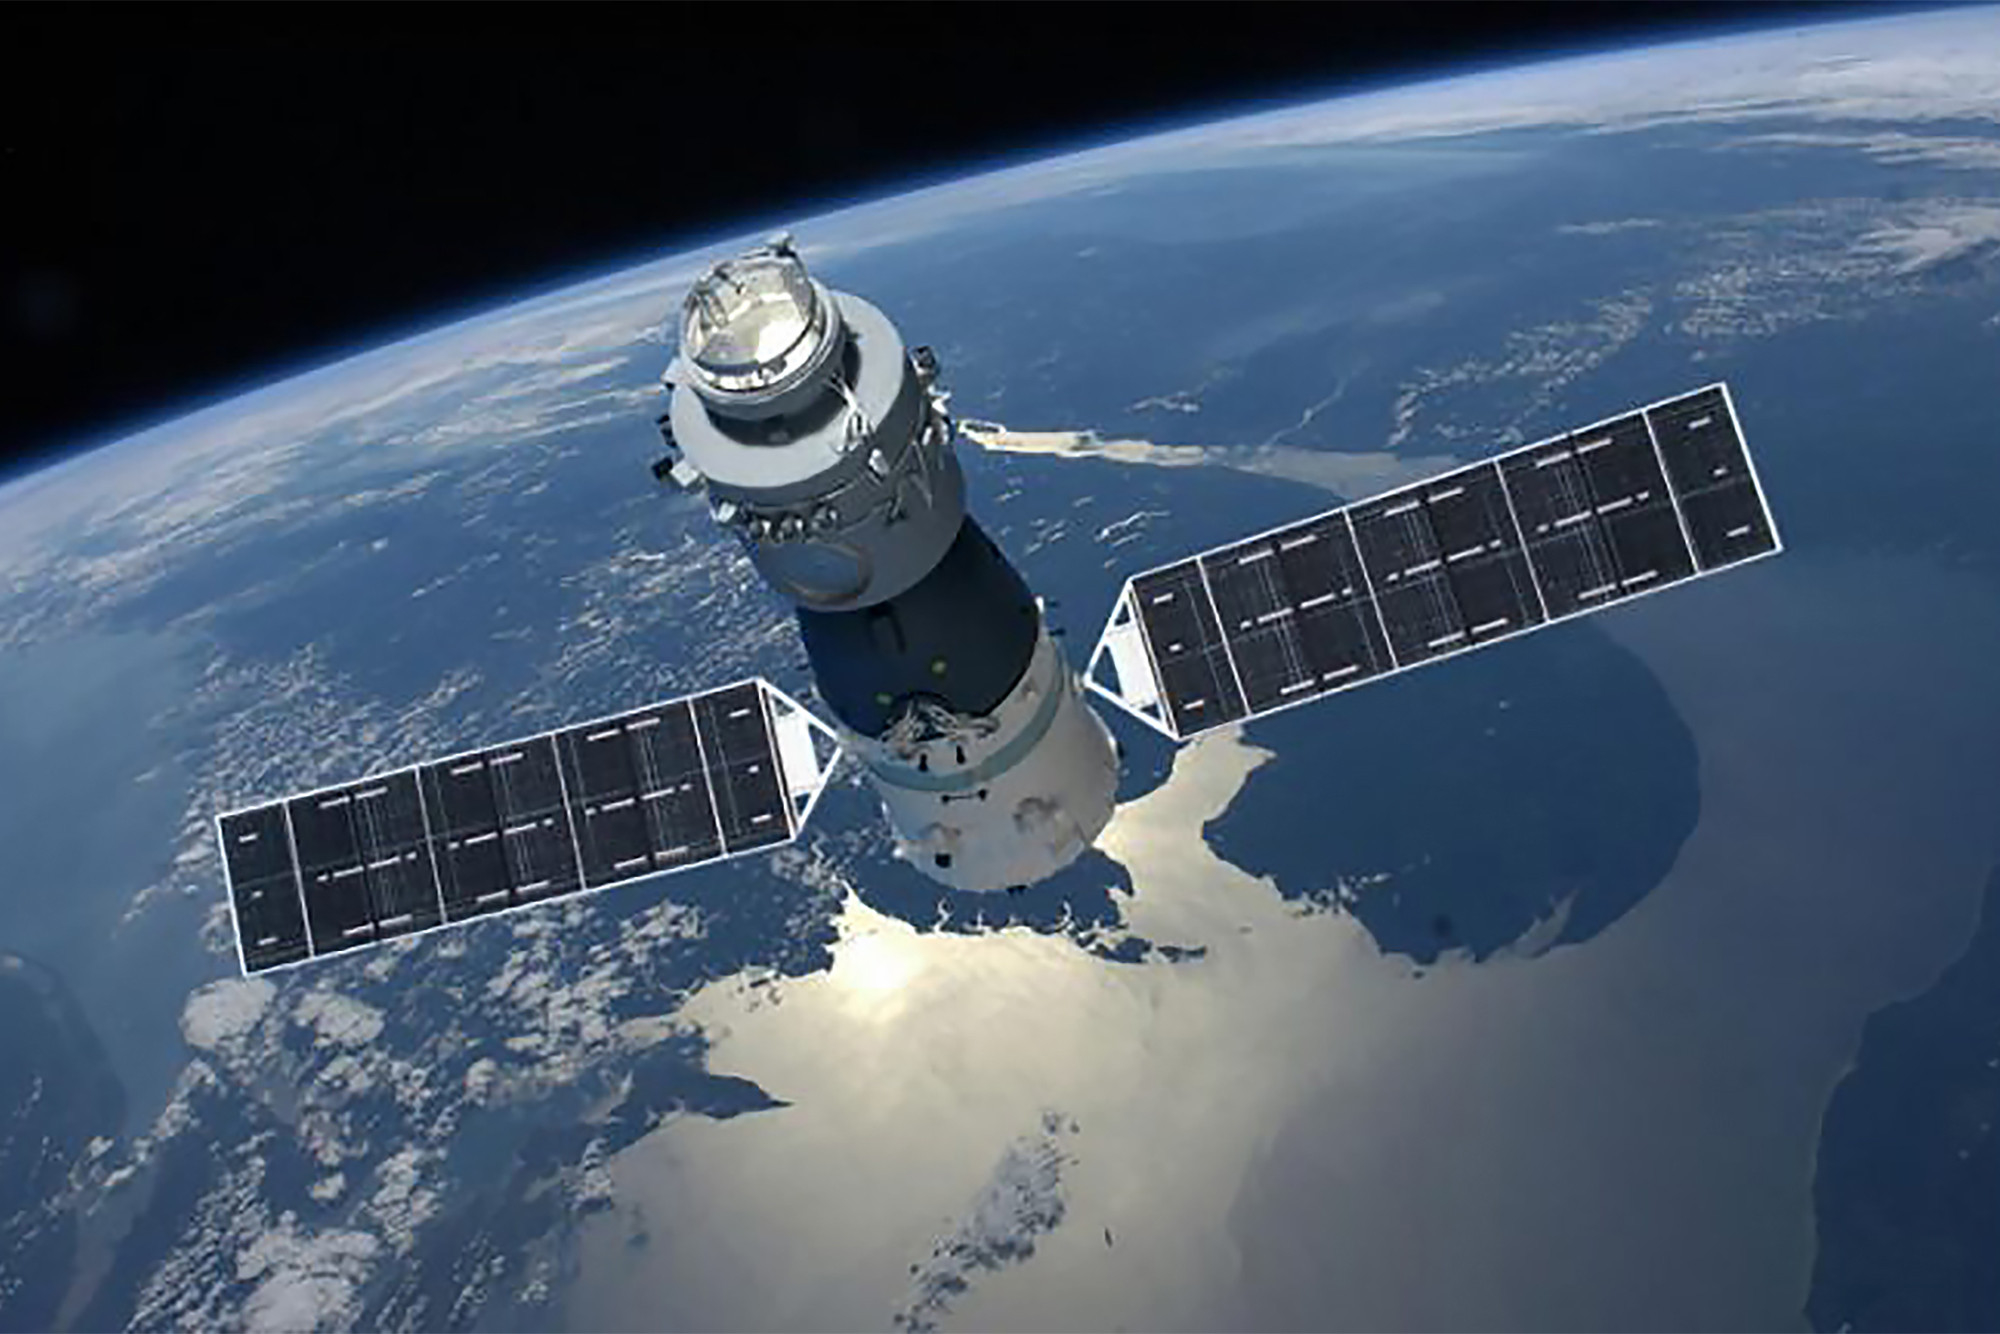 Китайская космическая станция вот-вот упадет на Землю